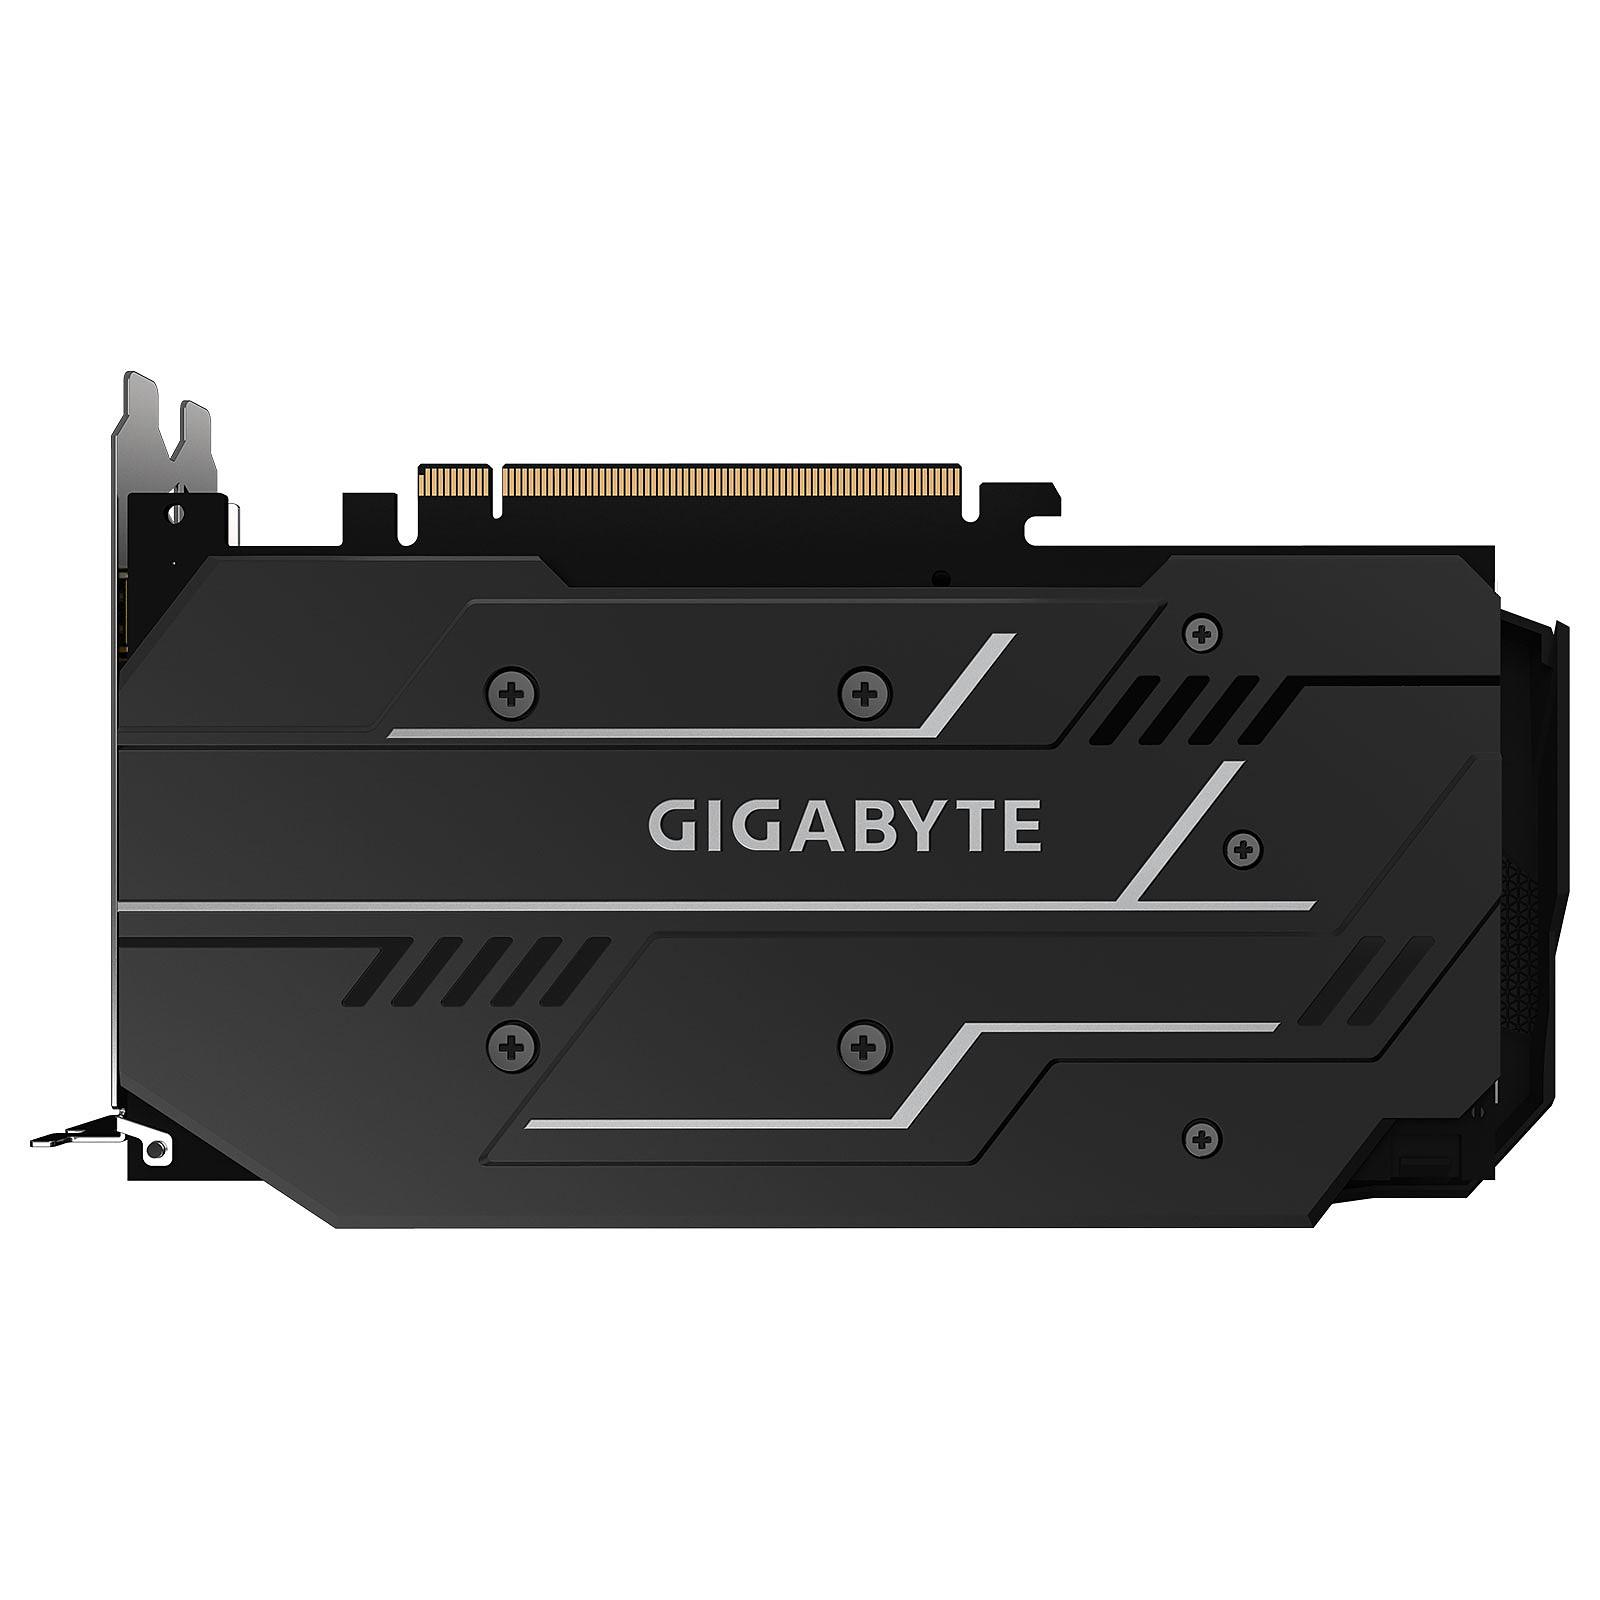 Radeon RX 5600 XT WINDFORCE OC 6G  (GV-R56XTWF2OC-6GD) - Achat / Vente Carte graphique sur Picata.fr - 2